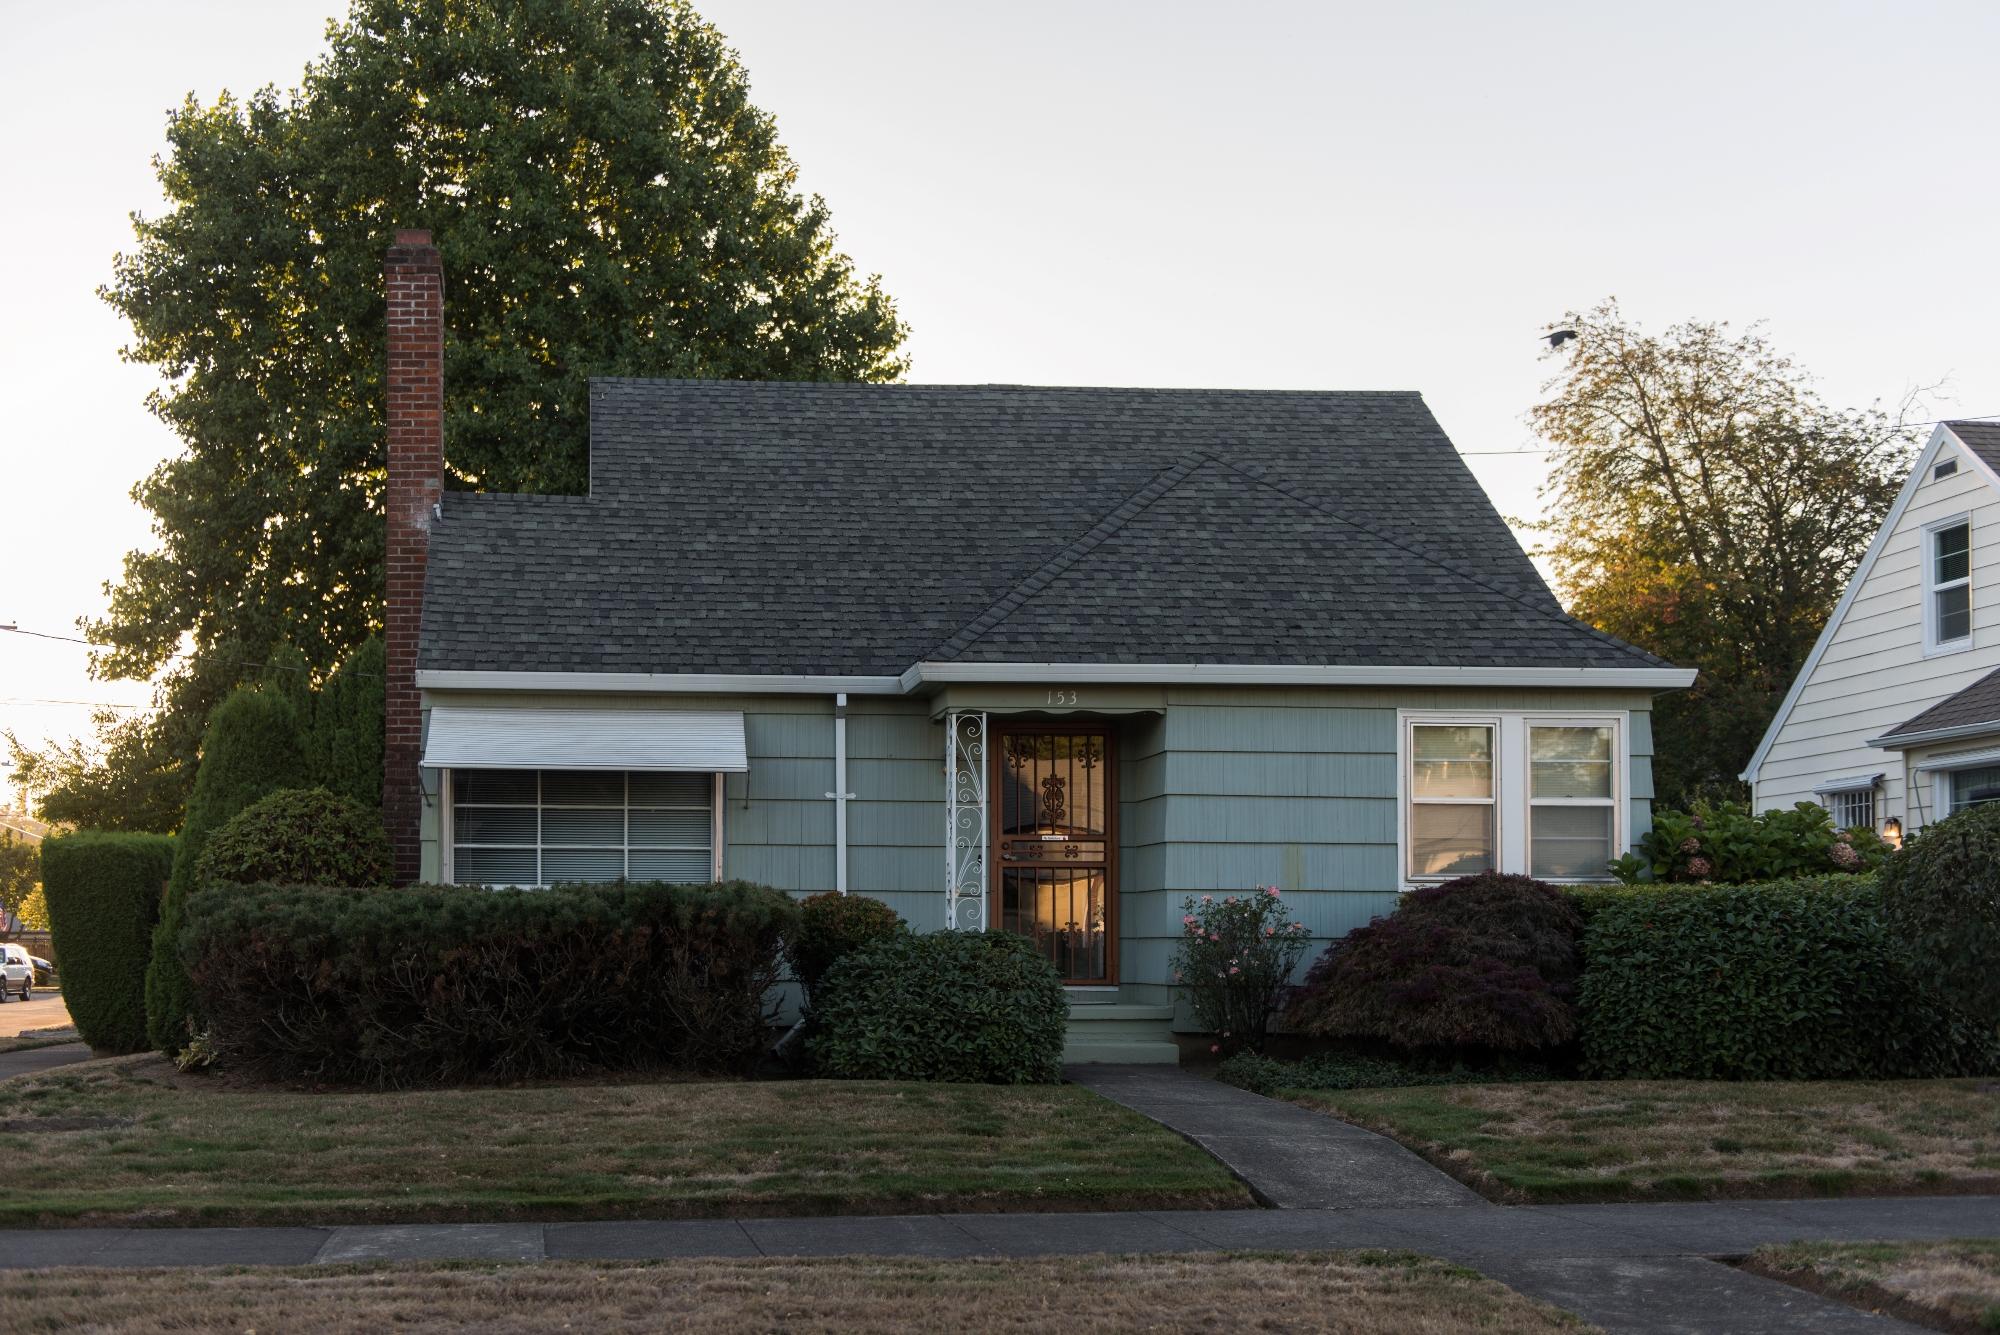 Beaverton homes for sale